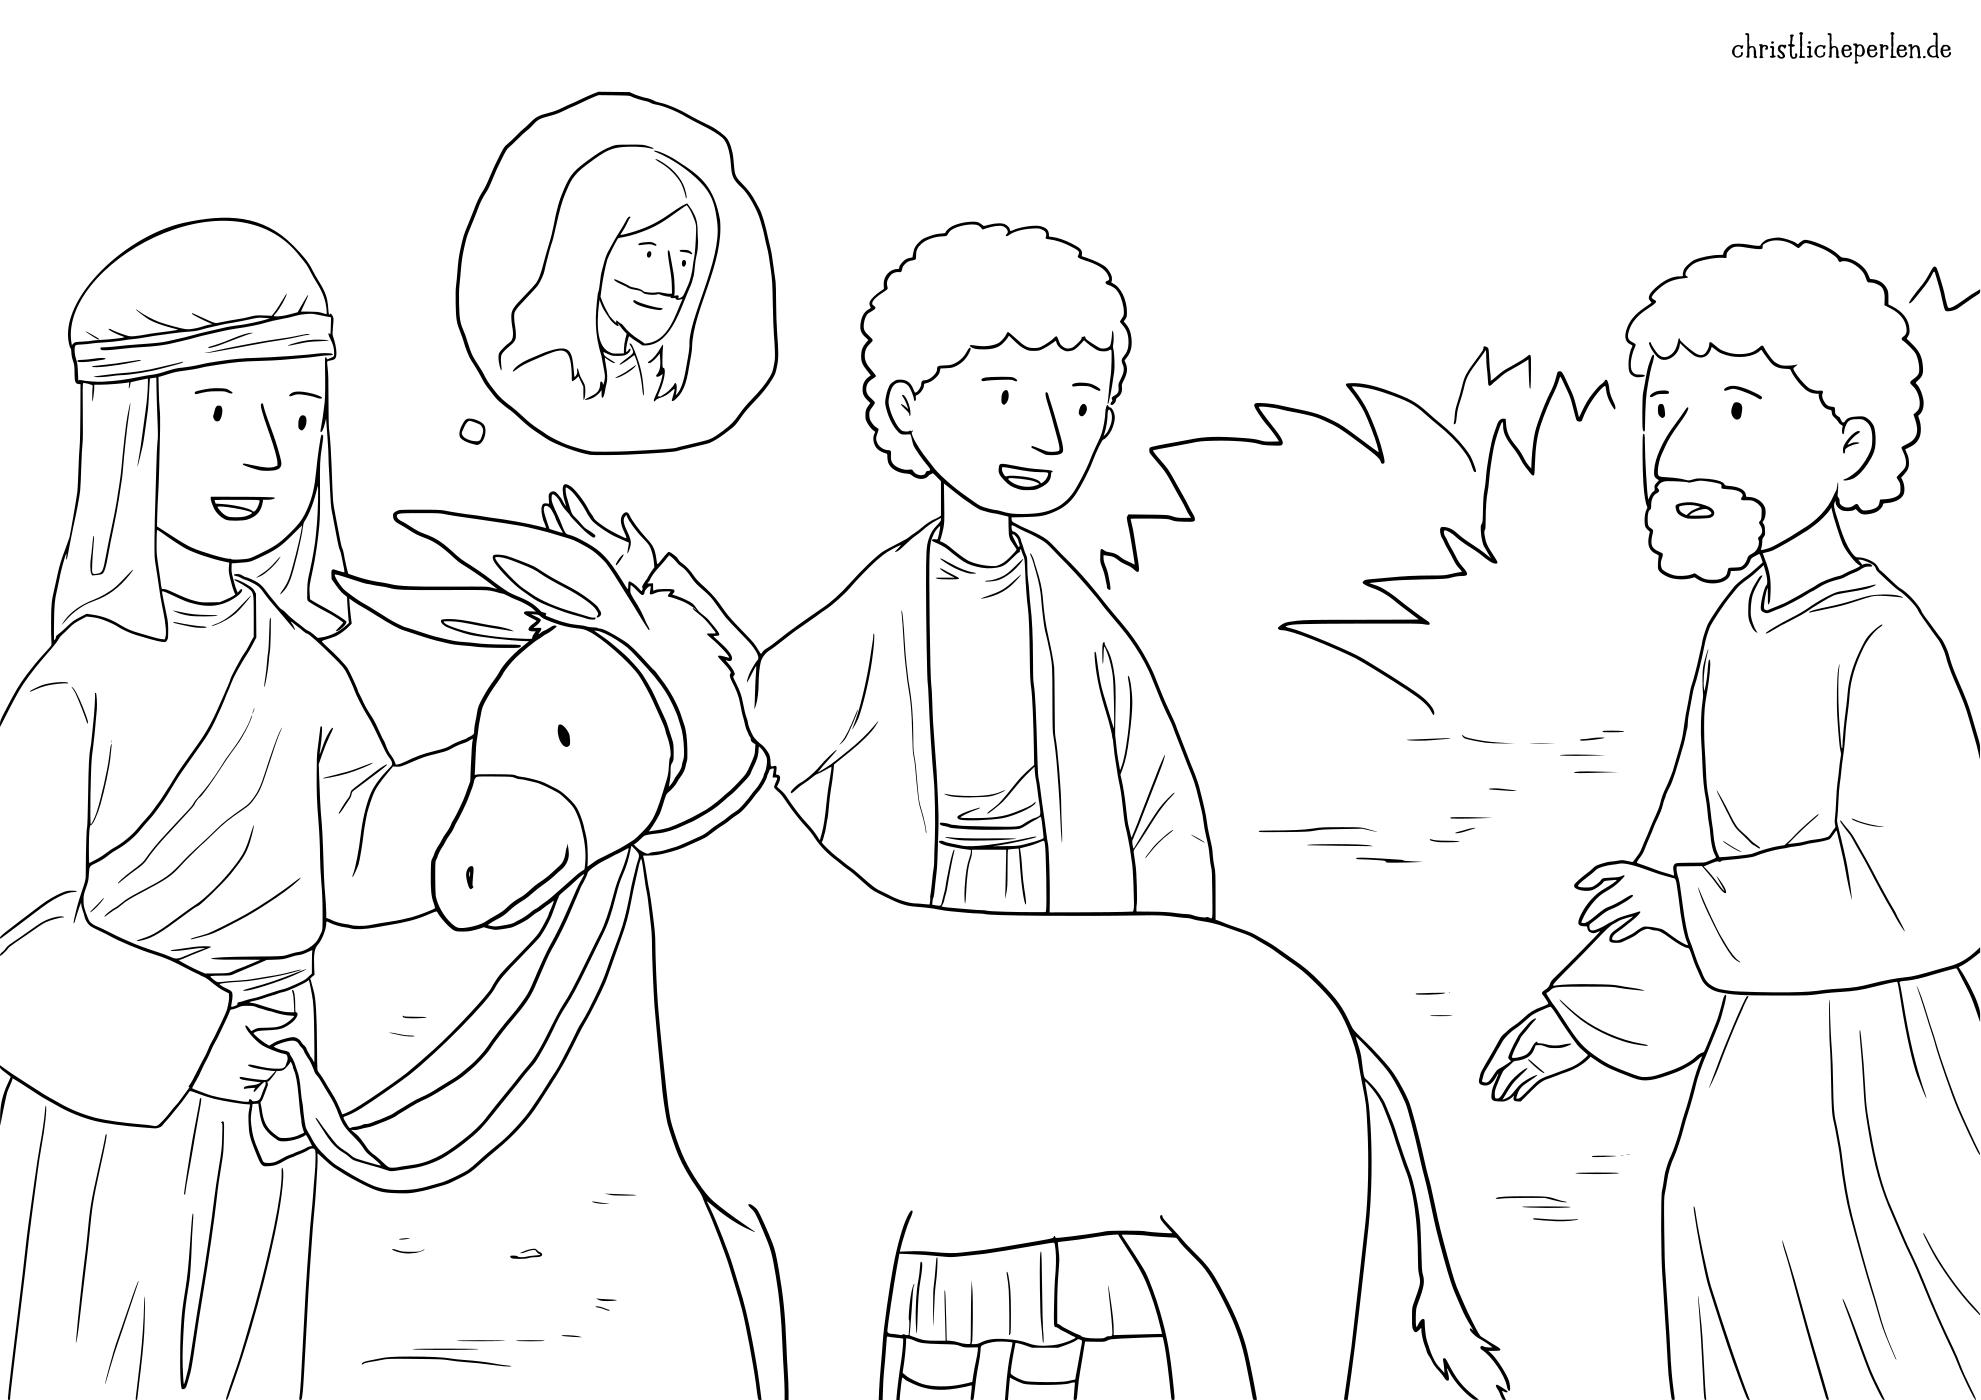 Ausmalbilder Zu Palmsonntag Christliche Perlen